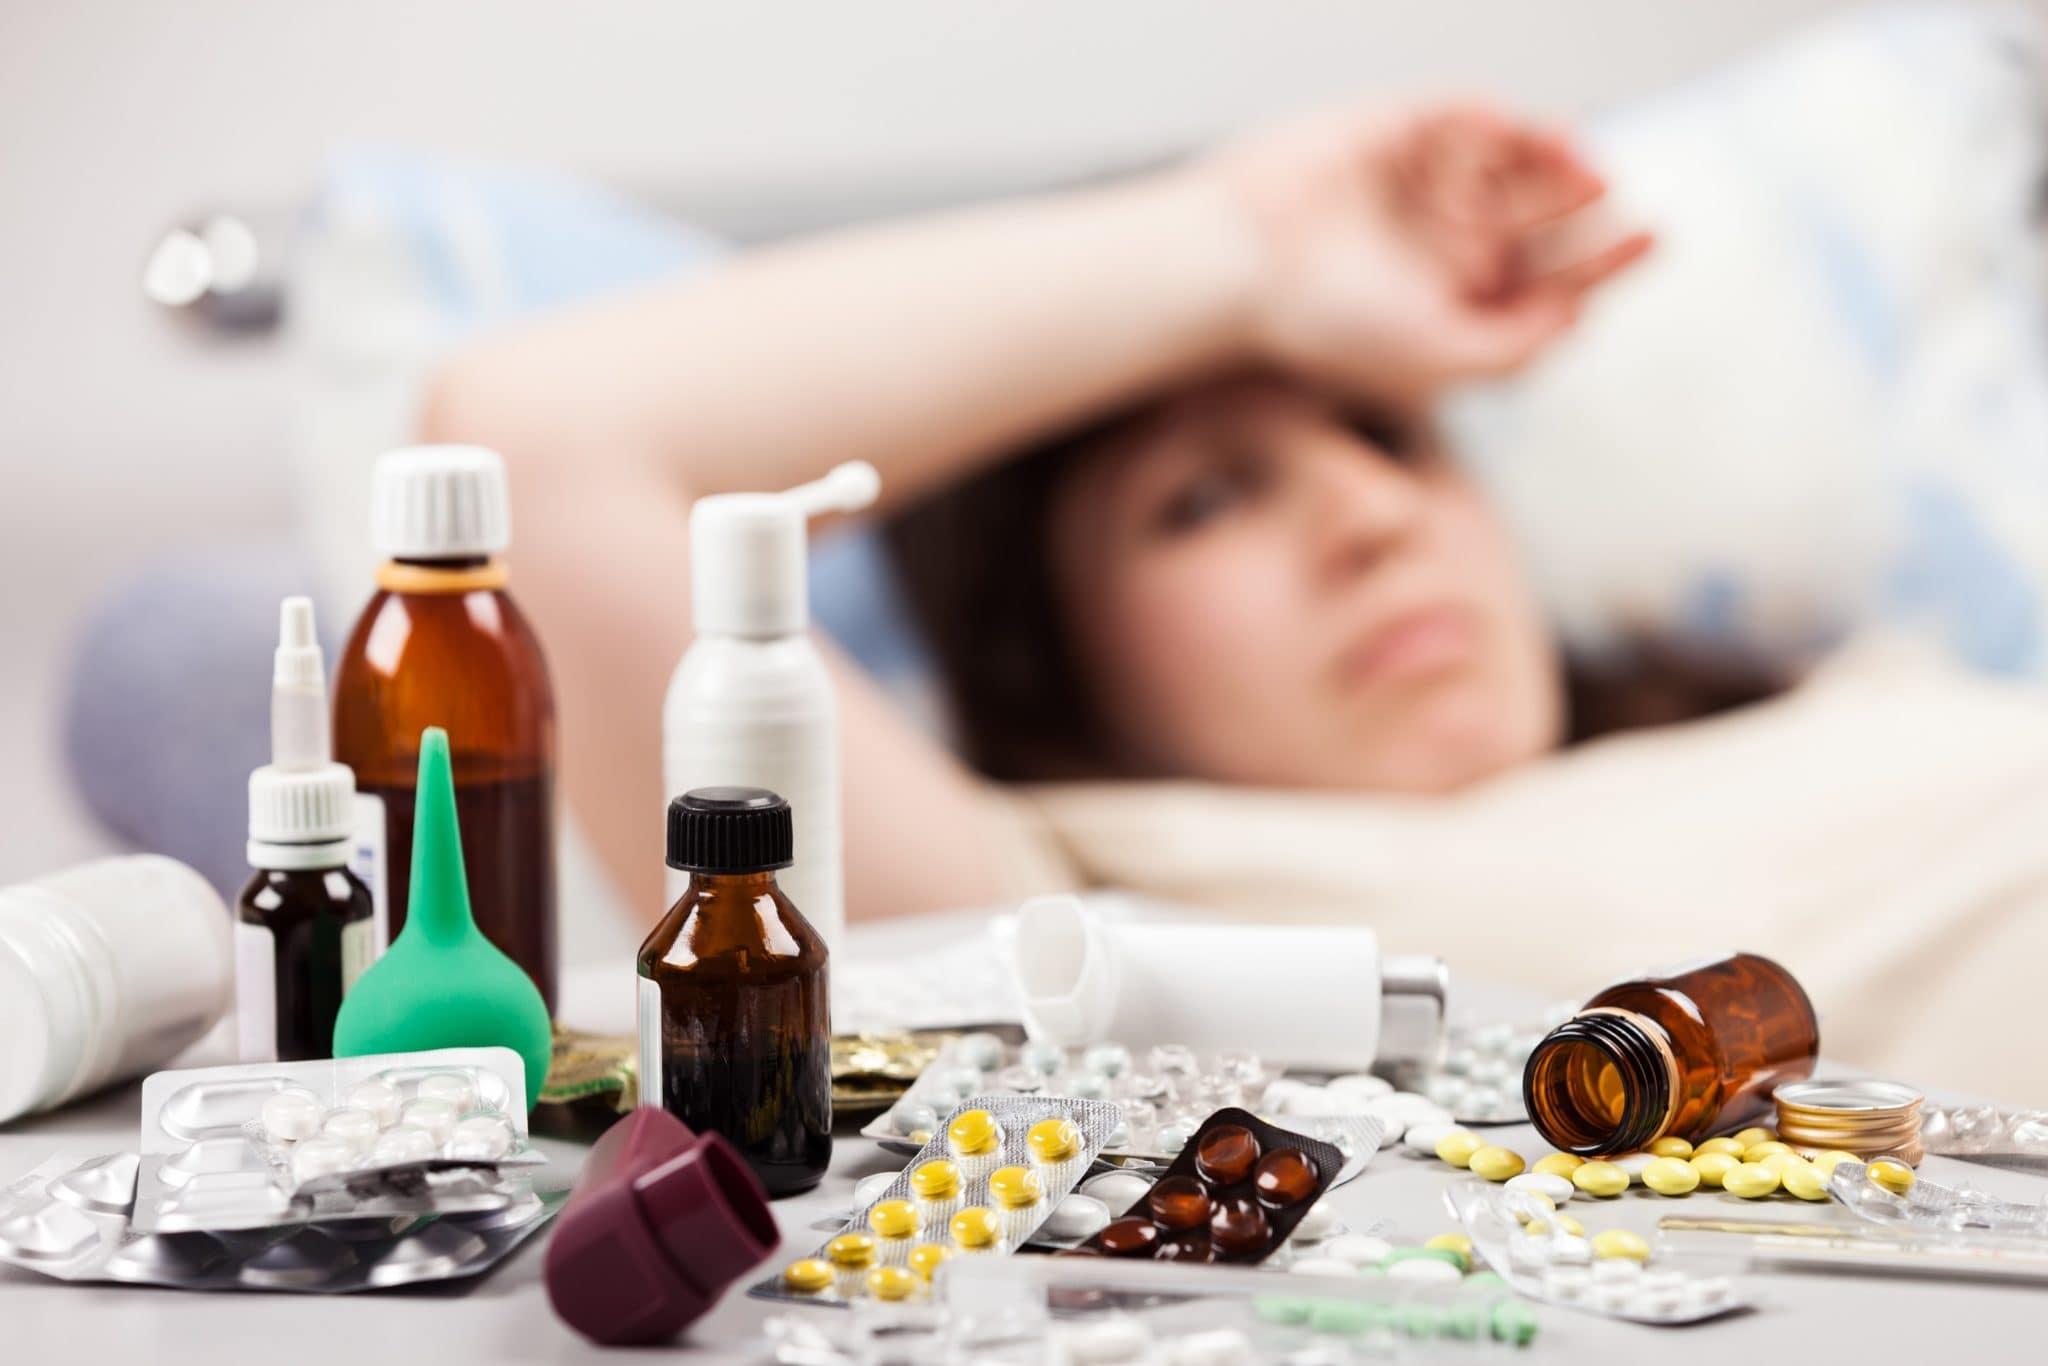 sleep better when you're sick